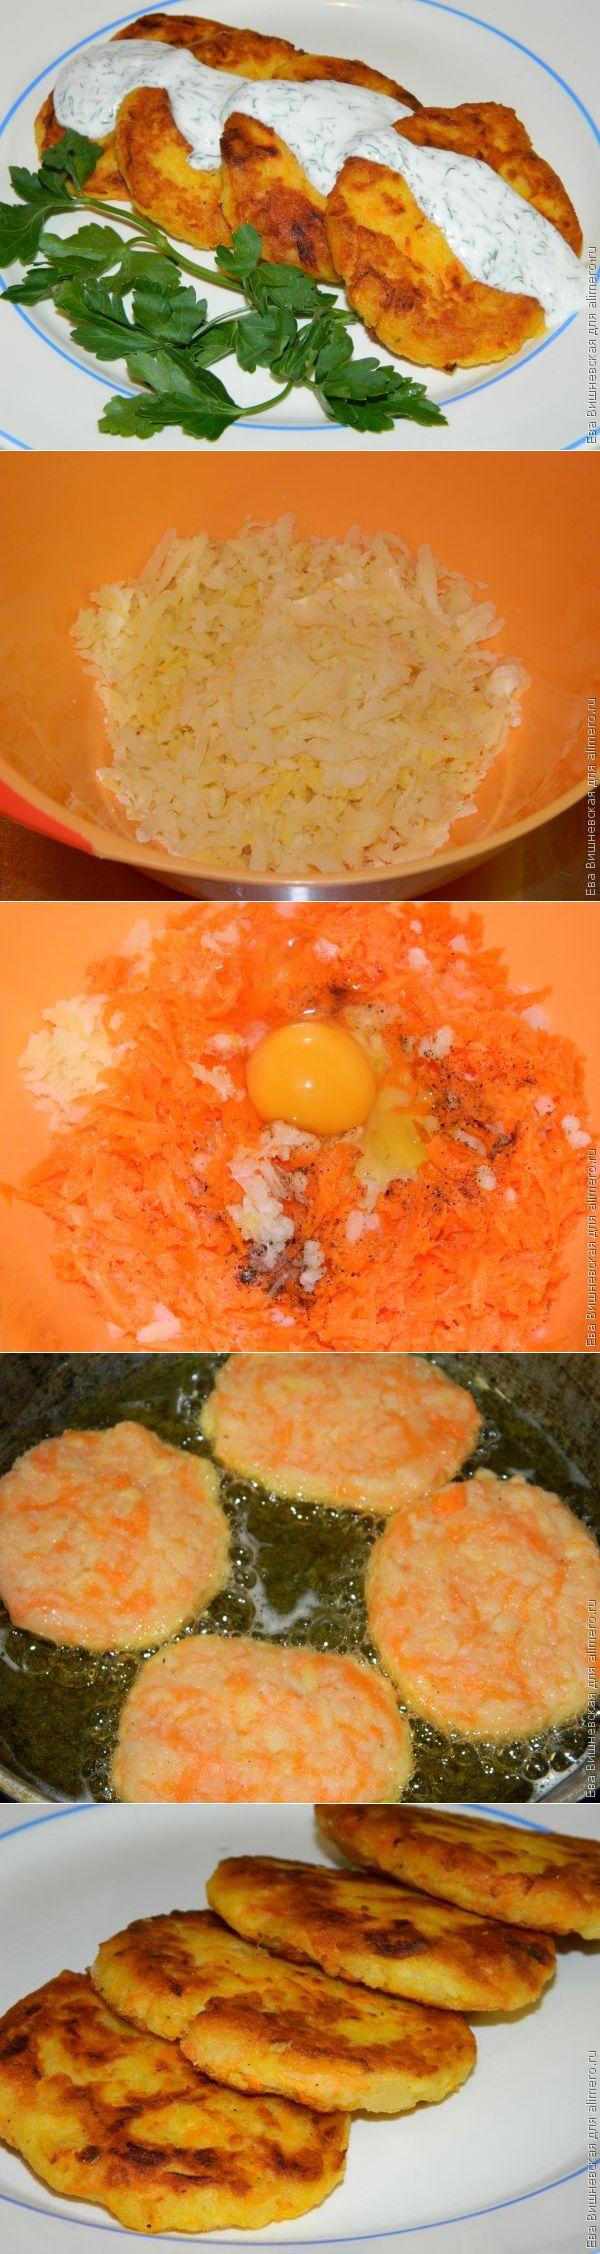 Рецепты из картофеля пошаговый